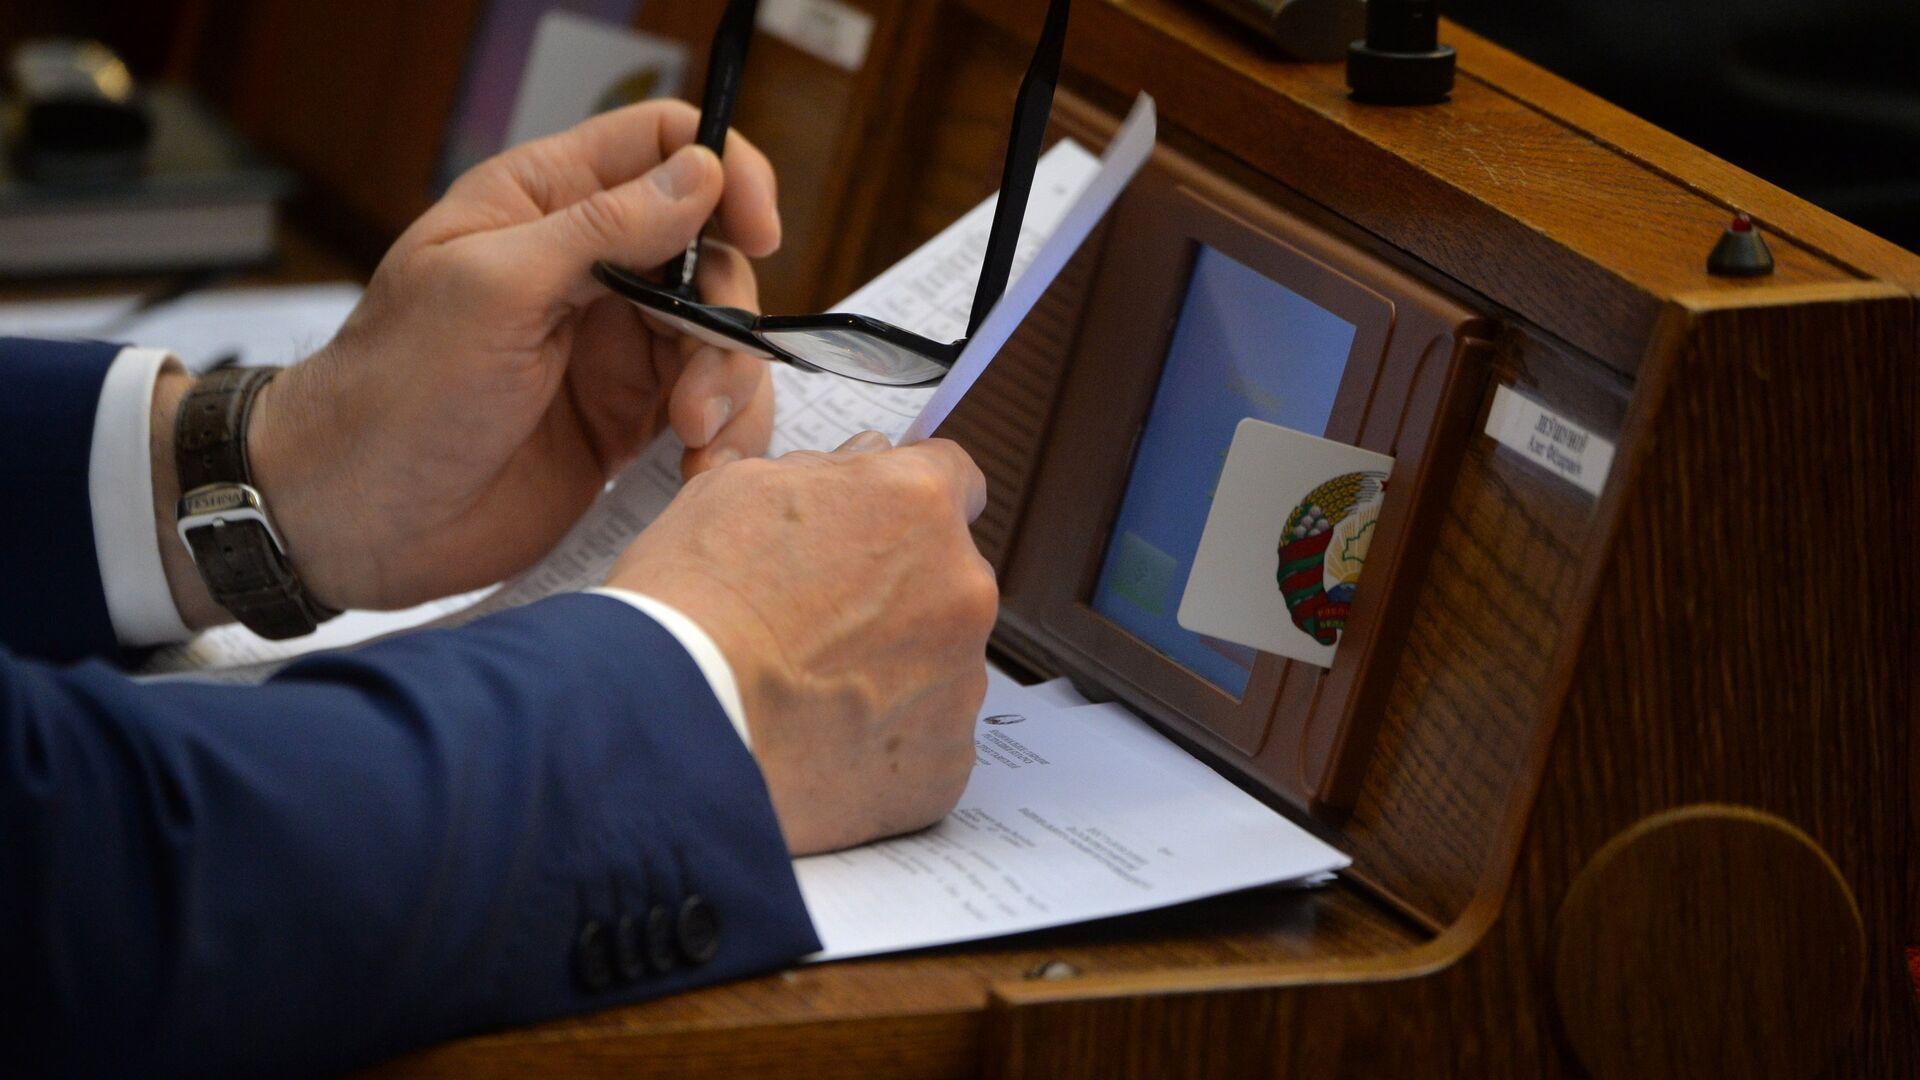 Работа депутата в парламенте - Sputnik Беларусь, 1920, 28.09.2021